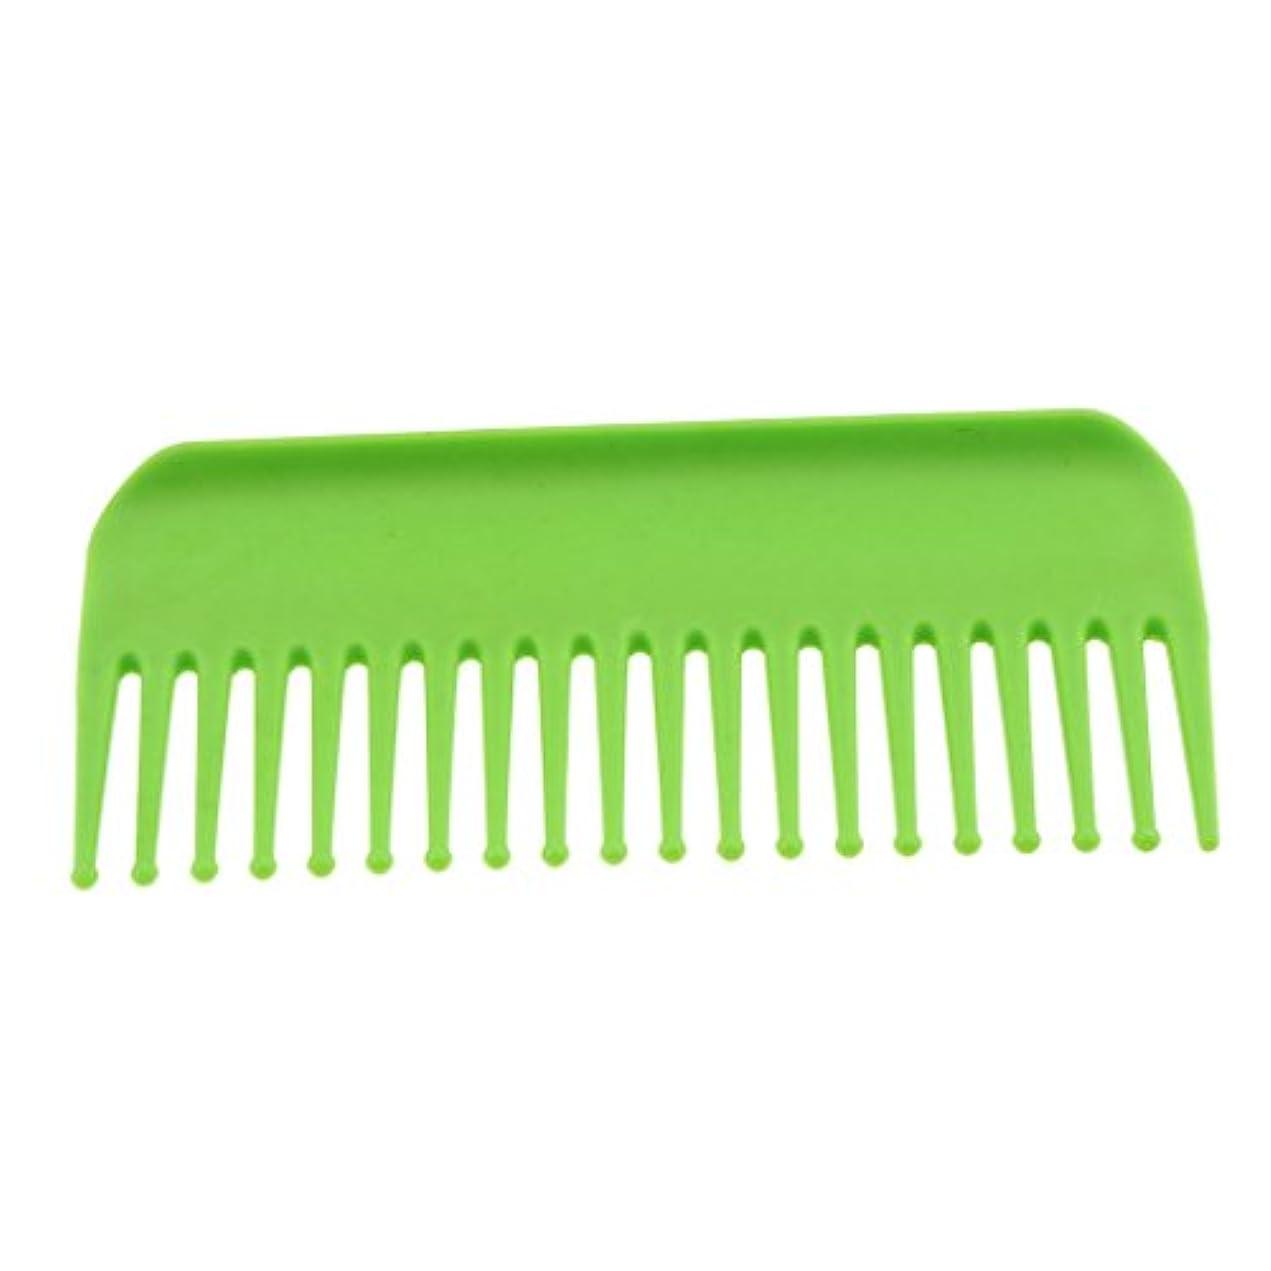 帽子まもなく夜サロンヘアケア脱毛ヘアコームヘアブラシスタティックワイド - 緑